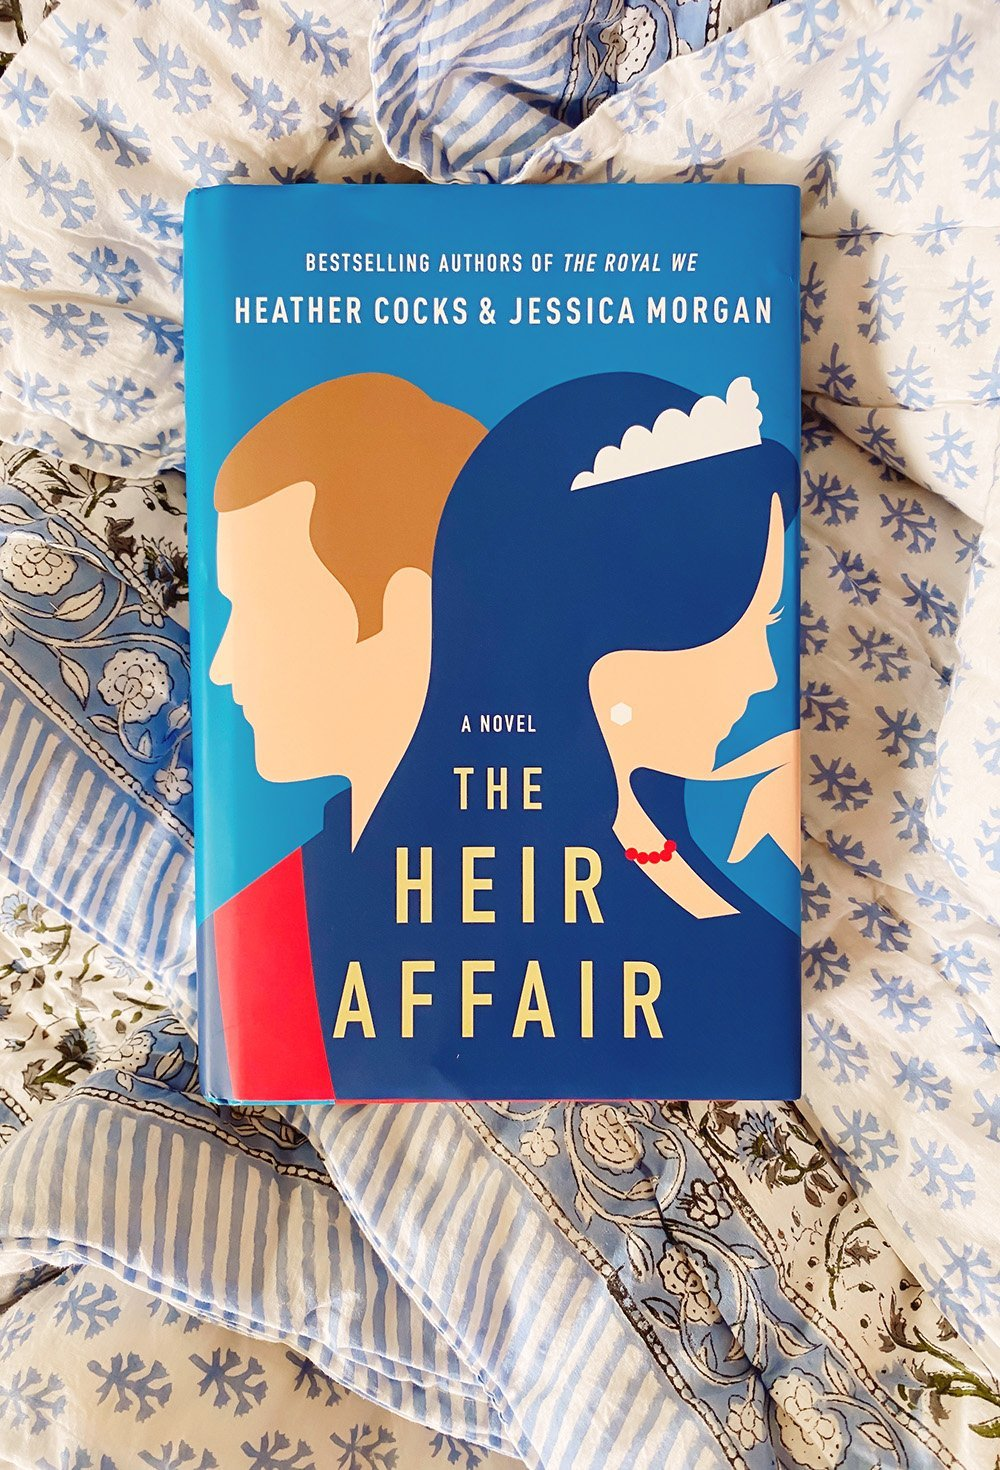 Discussion: The Heir Affair